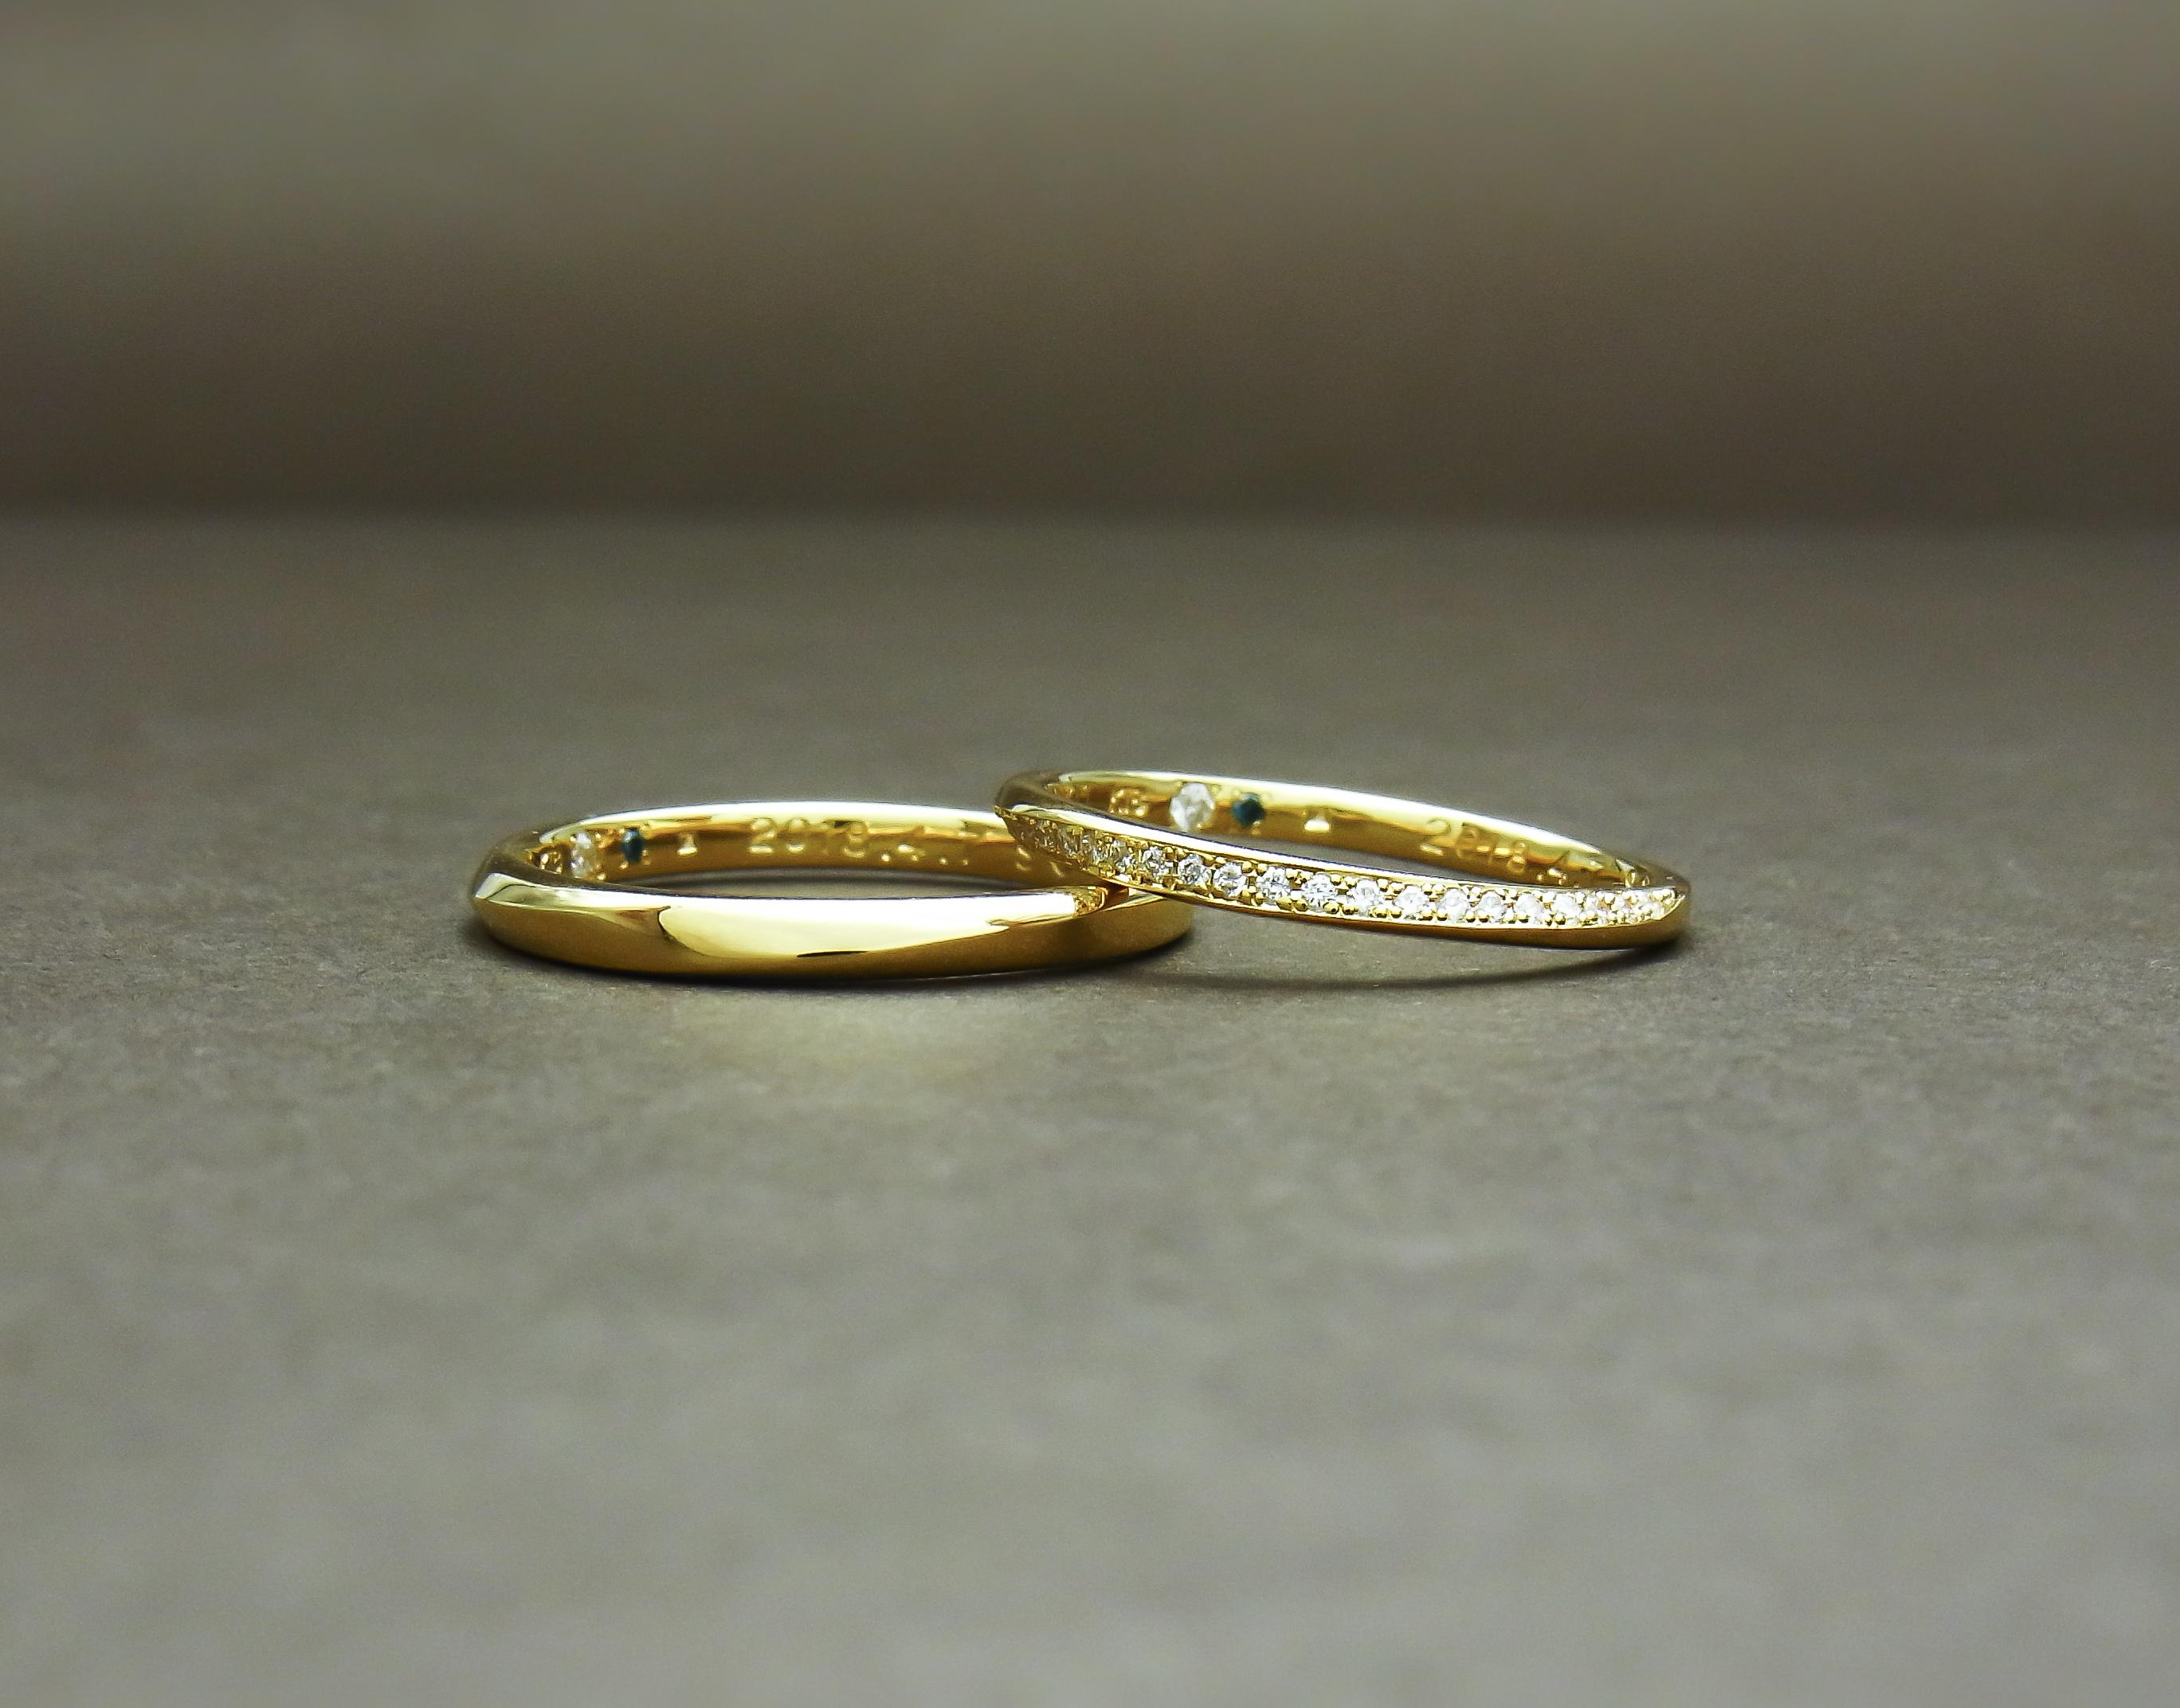 イエローゴールド結婚指輪